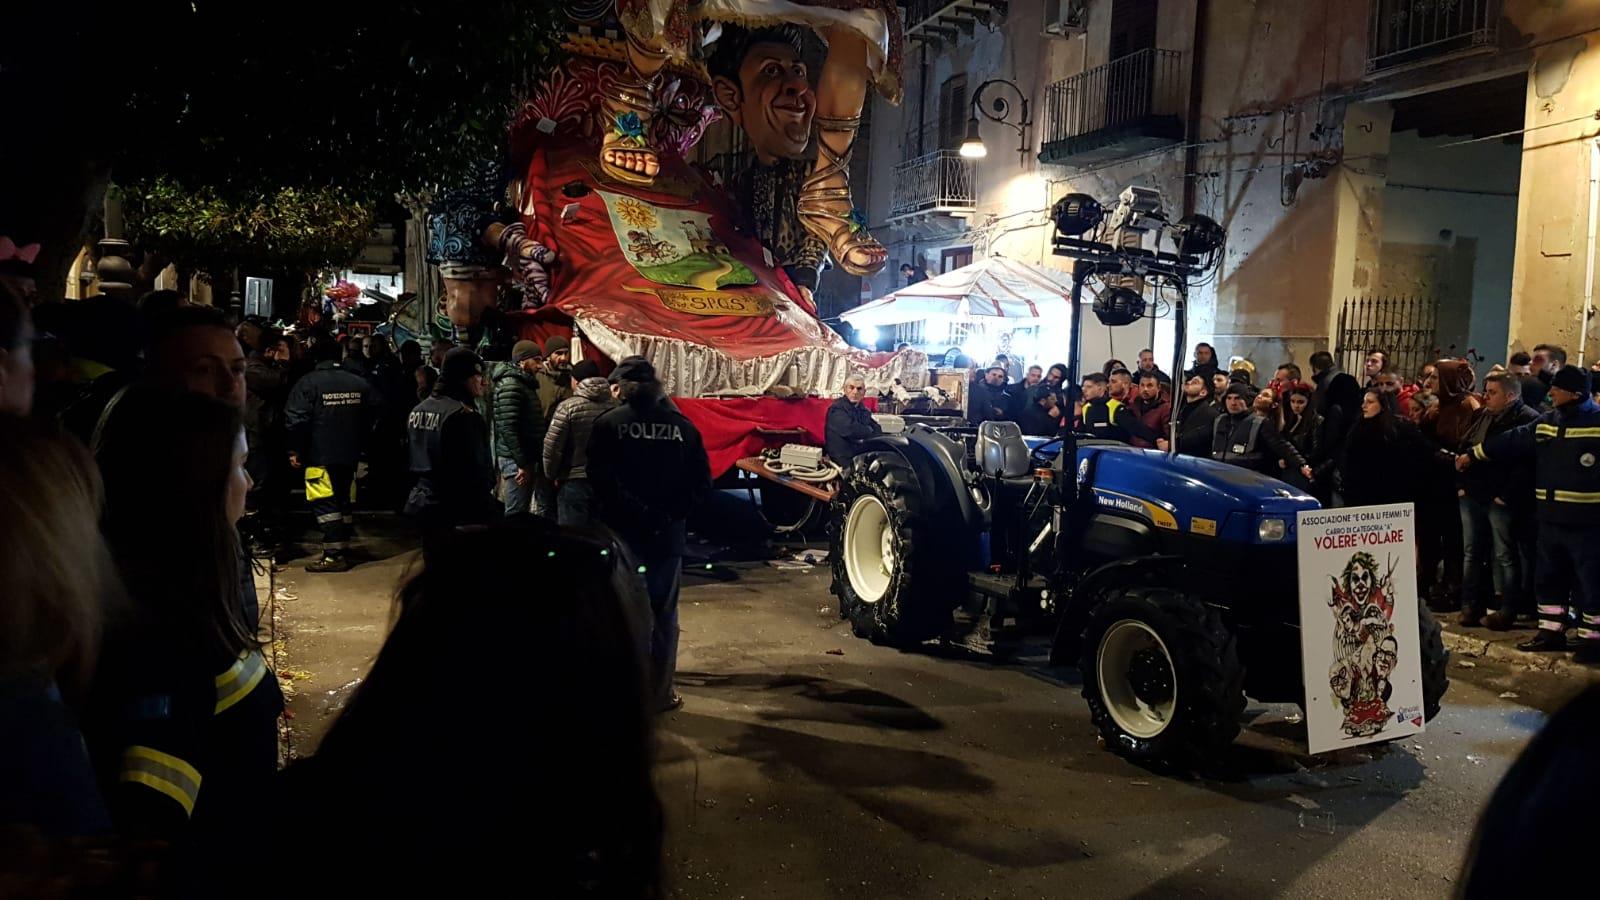 Tragedia al Carnevale di Sciacca, bimbo cade dal carro e muo